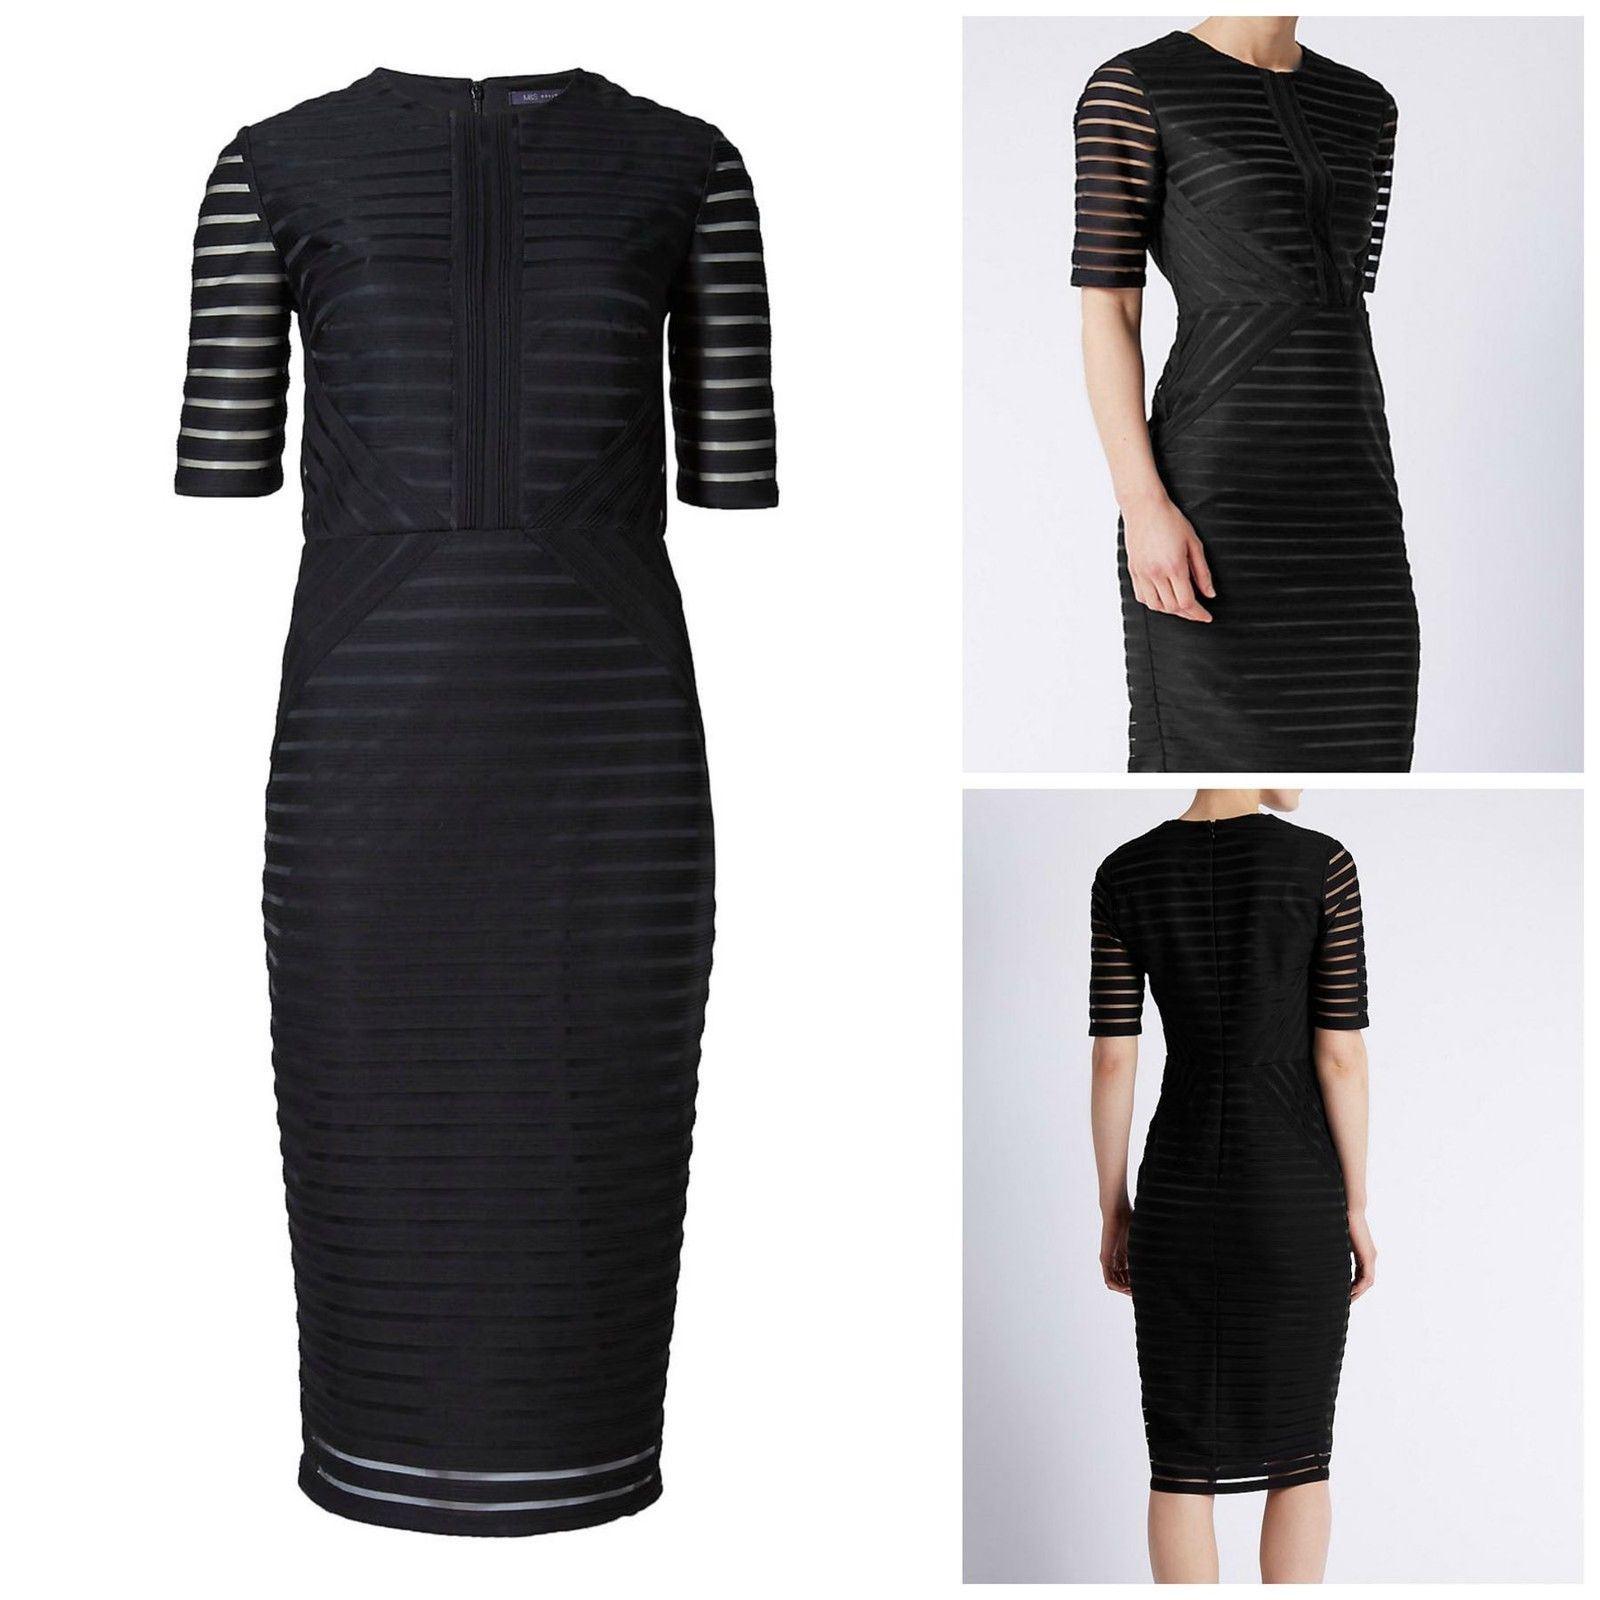 Per Una Black Dress Part - 48: DESCRIPTION